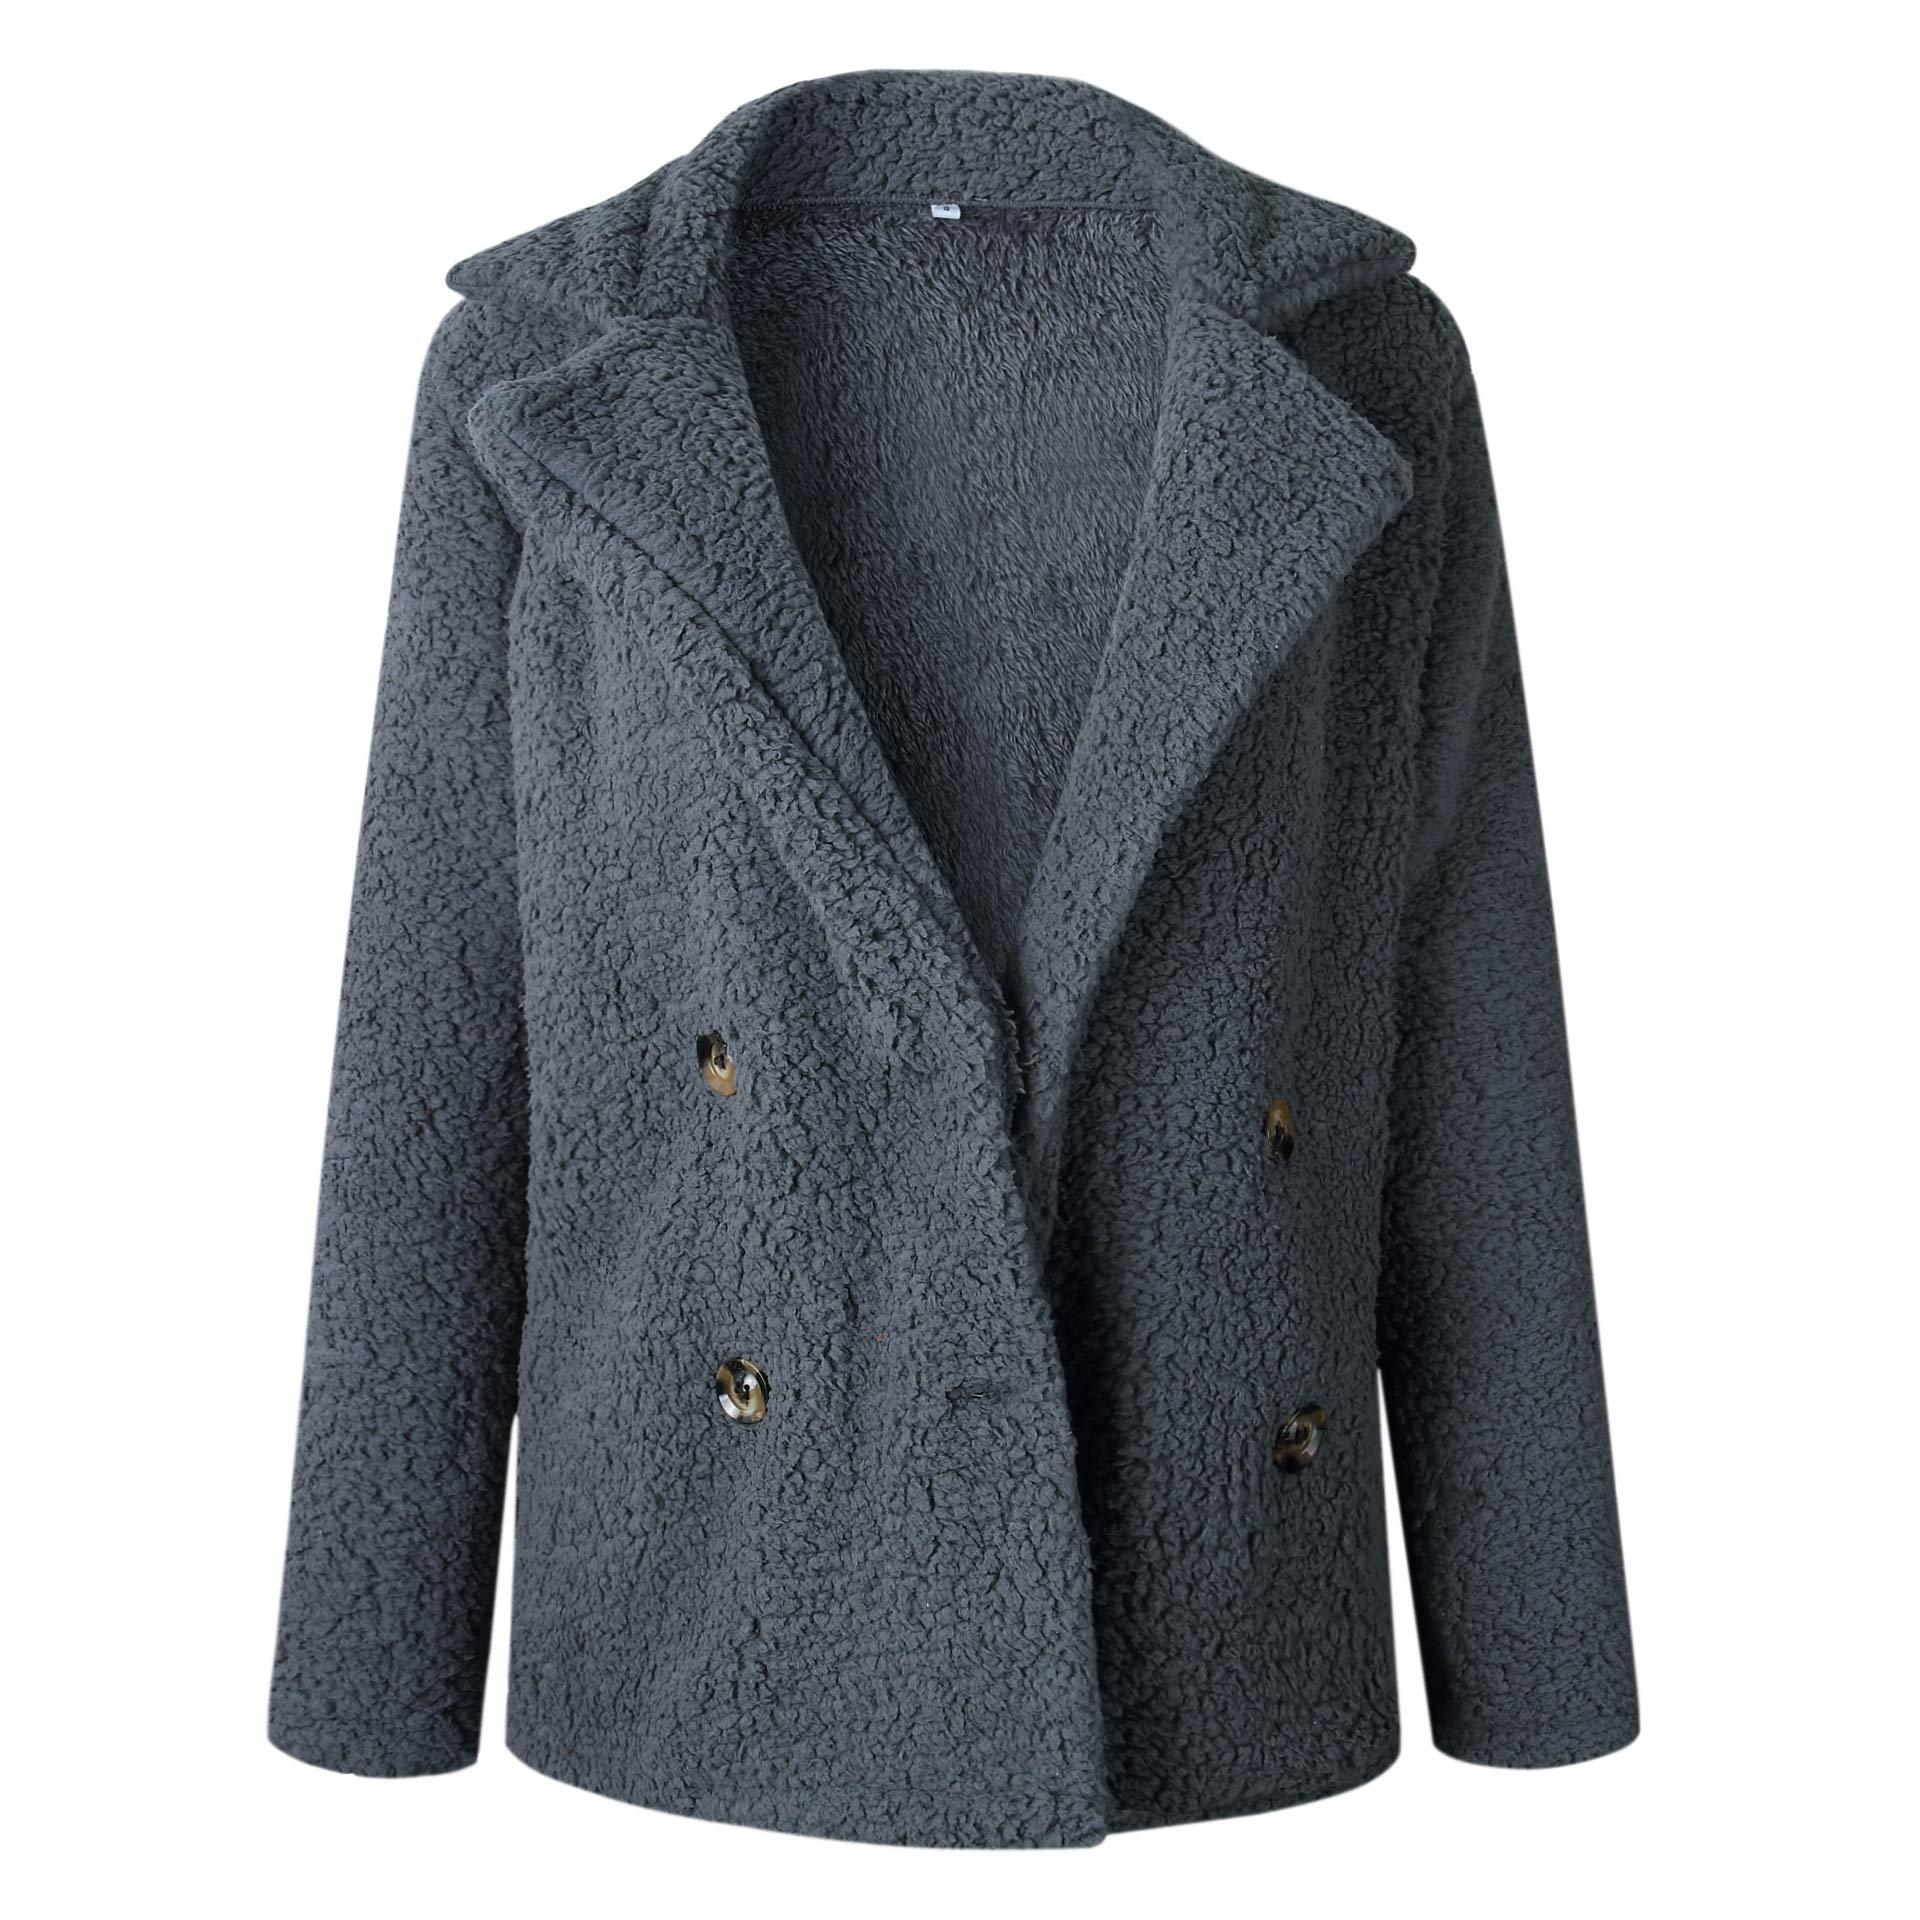 Asskdan Women's Open Front Fuzzy Cardigan Warm Fleece Jacket Coat Long Sleeve Oversized Coat Outwear with Pockets (Dark Grey, L) by Asskdan (Image #4)